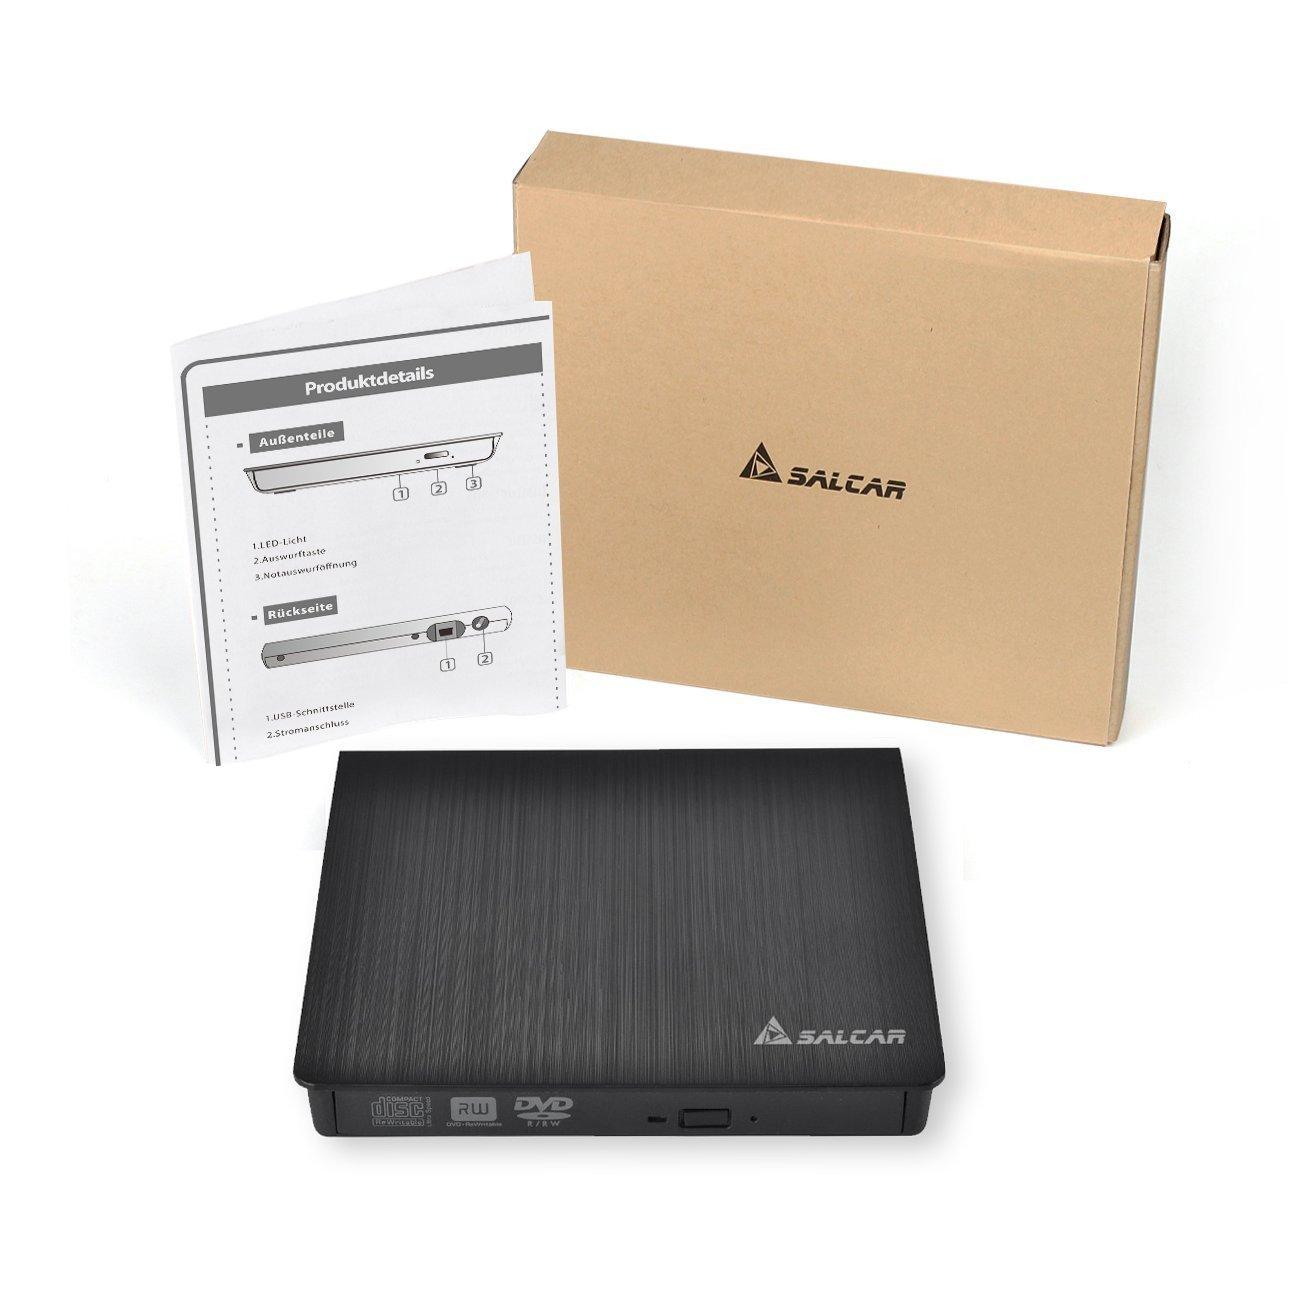 Salcar- Externa USB 3.0 Lectora/grabadora de DVD CD Lector de DVD Externo USB 2.0/3.0 DVD Quemar CD-R CD-RW DVD-R DVD-RW 100% Nuevo Chip para Apple MacBook ...